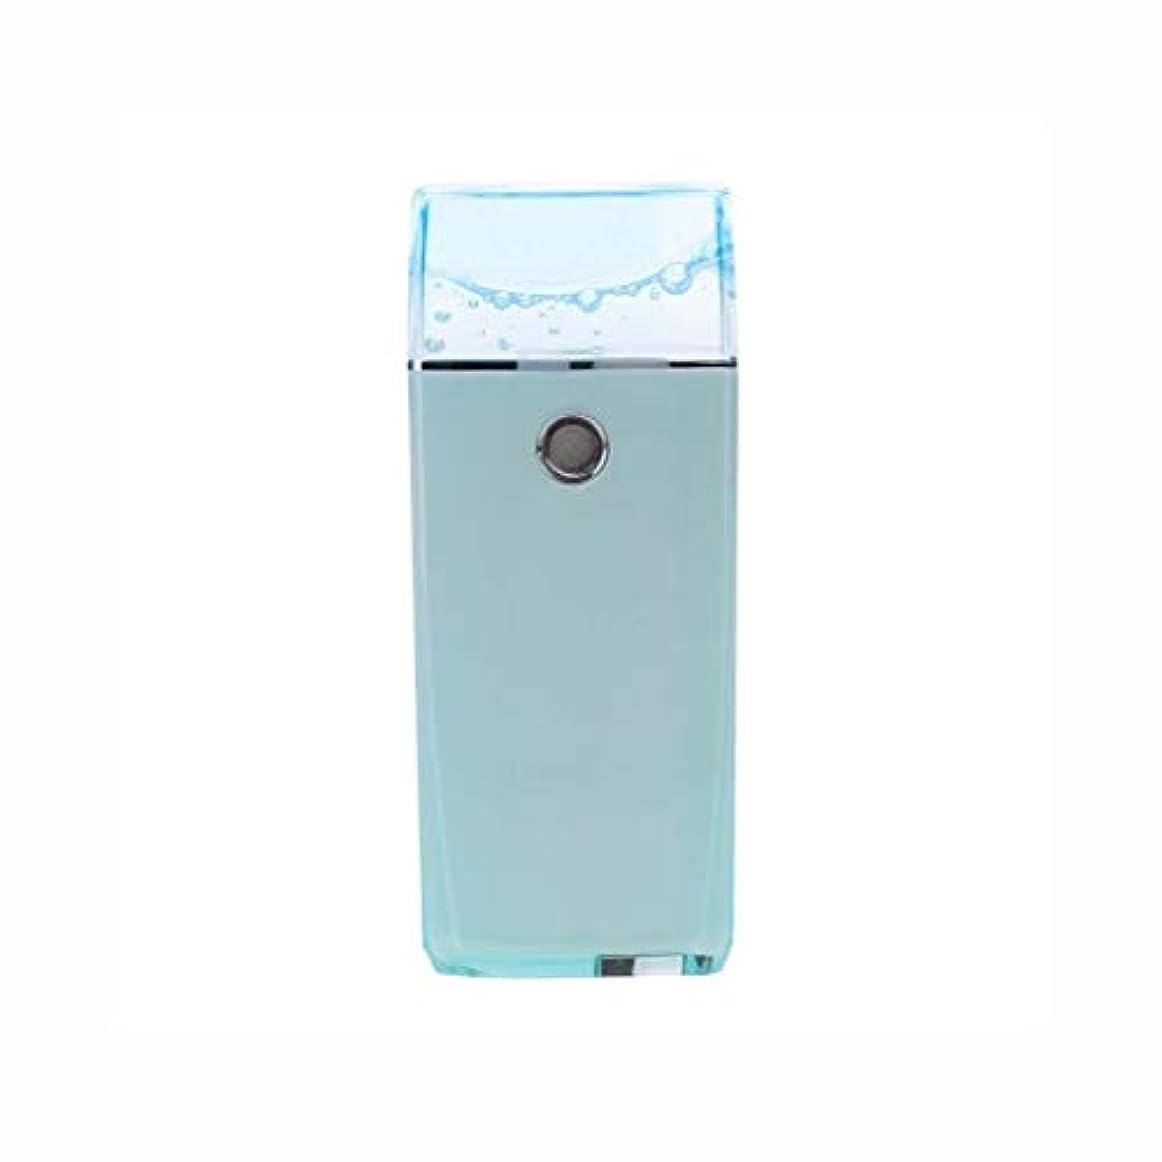 賛美歌エントリ綺麗なフェイシャルスチームエンジンナノスプレー水和機器ハンドヘルドポータブルコールドスプレー加湿スチームフェイス (色 : 青)